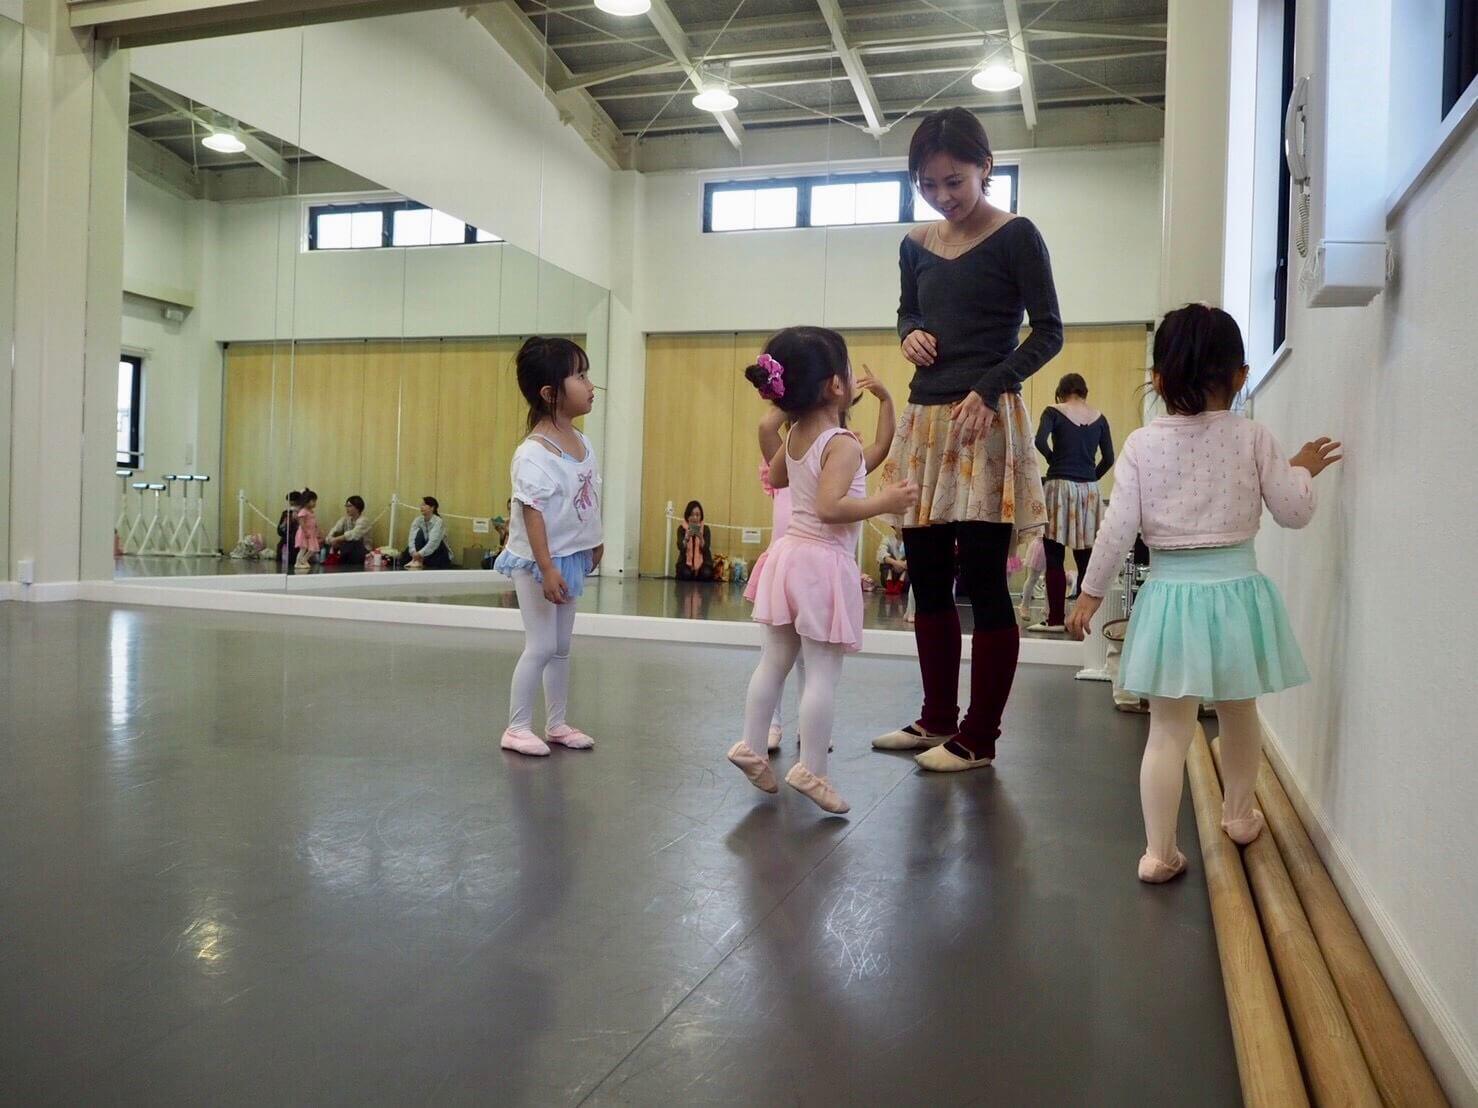 尼崎市武庫之荘のバレエスタジオの様子